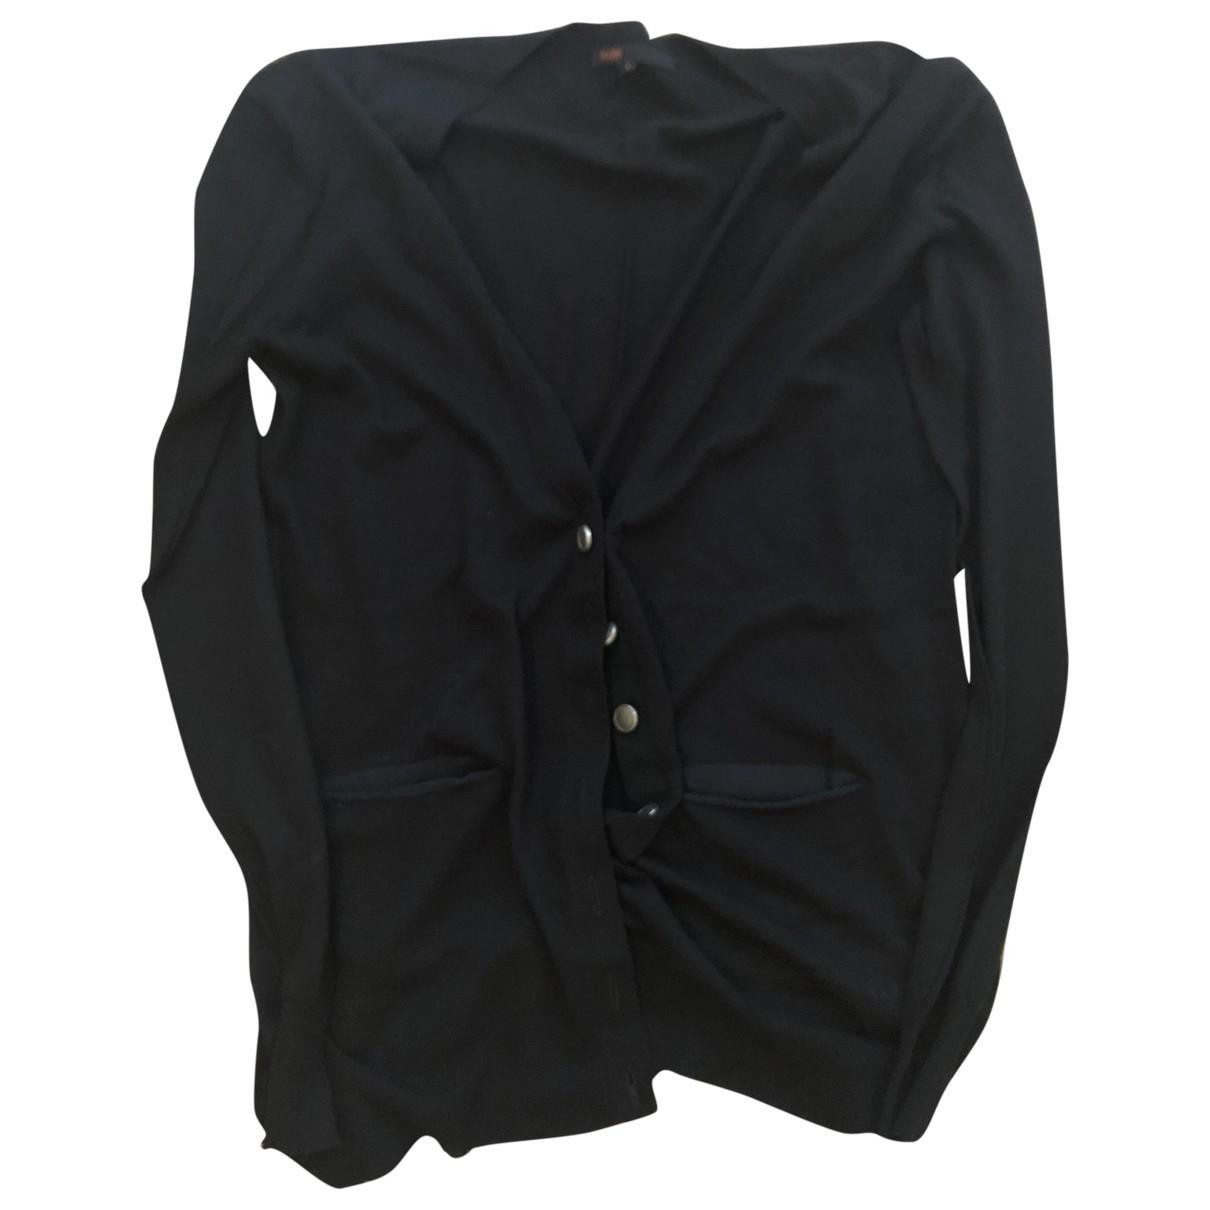 Maje Fall Winter 2019 Black Cotton Knitwear for Women 36 FR